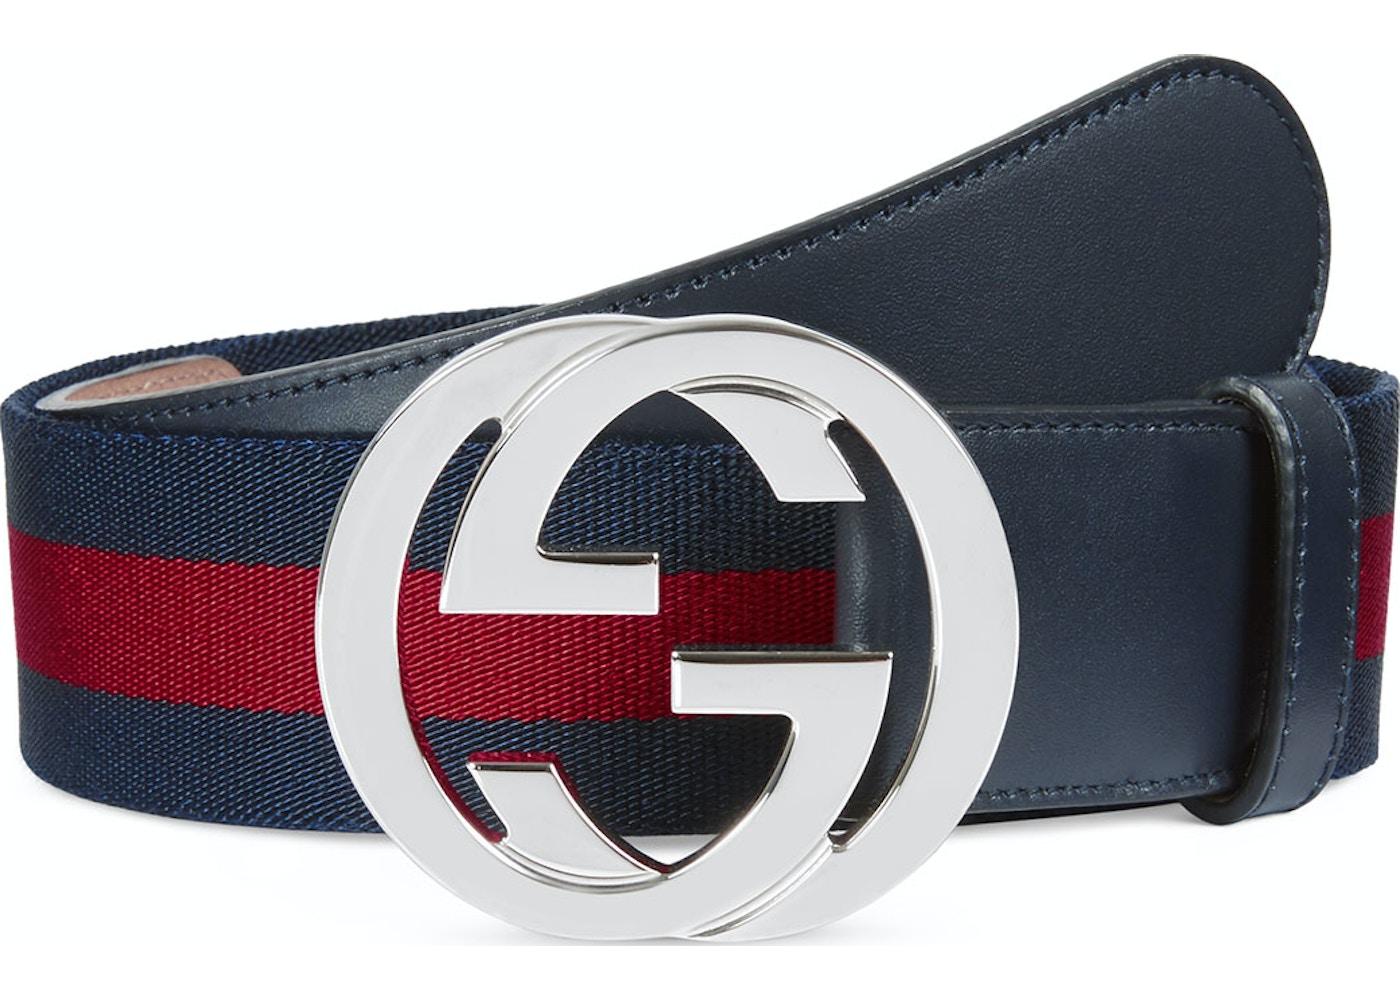 73dae7fdcaf Gucci Web Belt Palladium G Buckle 1.5 W Blue Red. Palladium G Buckle 1.5 W  Blue Red